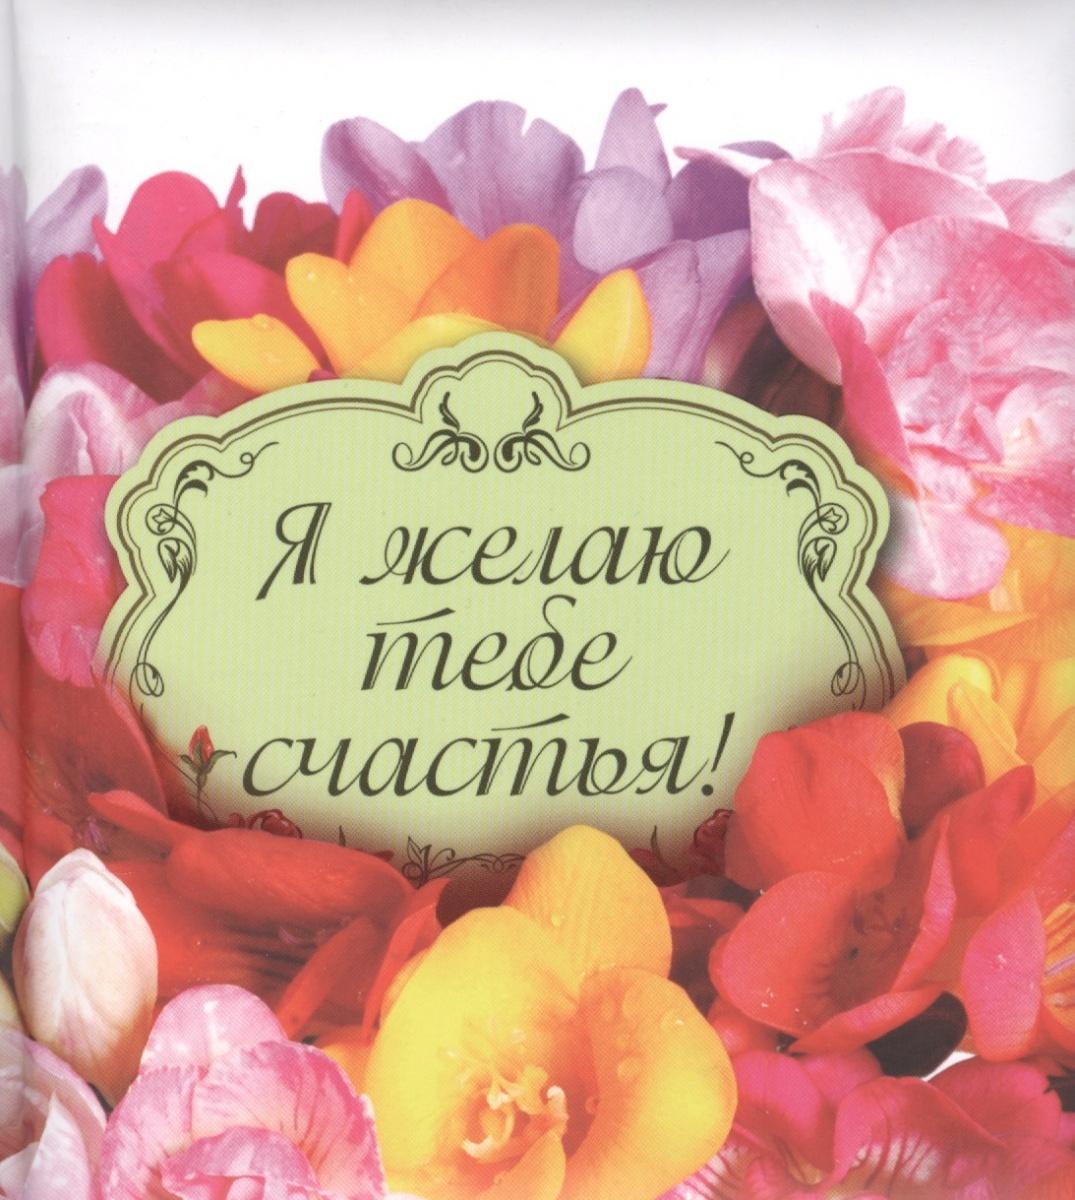 Я желаю тебе счастья! Набор открыток купить Лабиринт 12